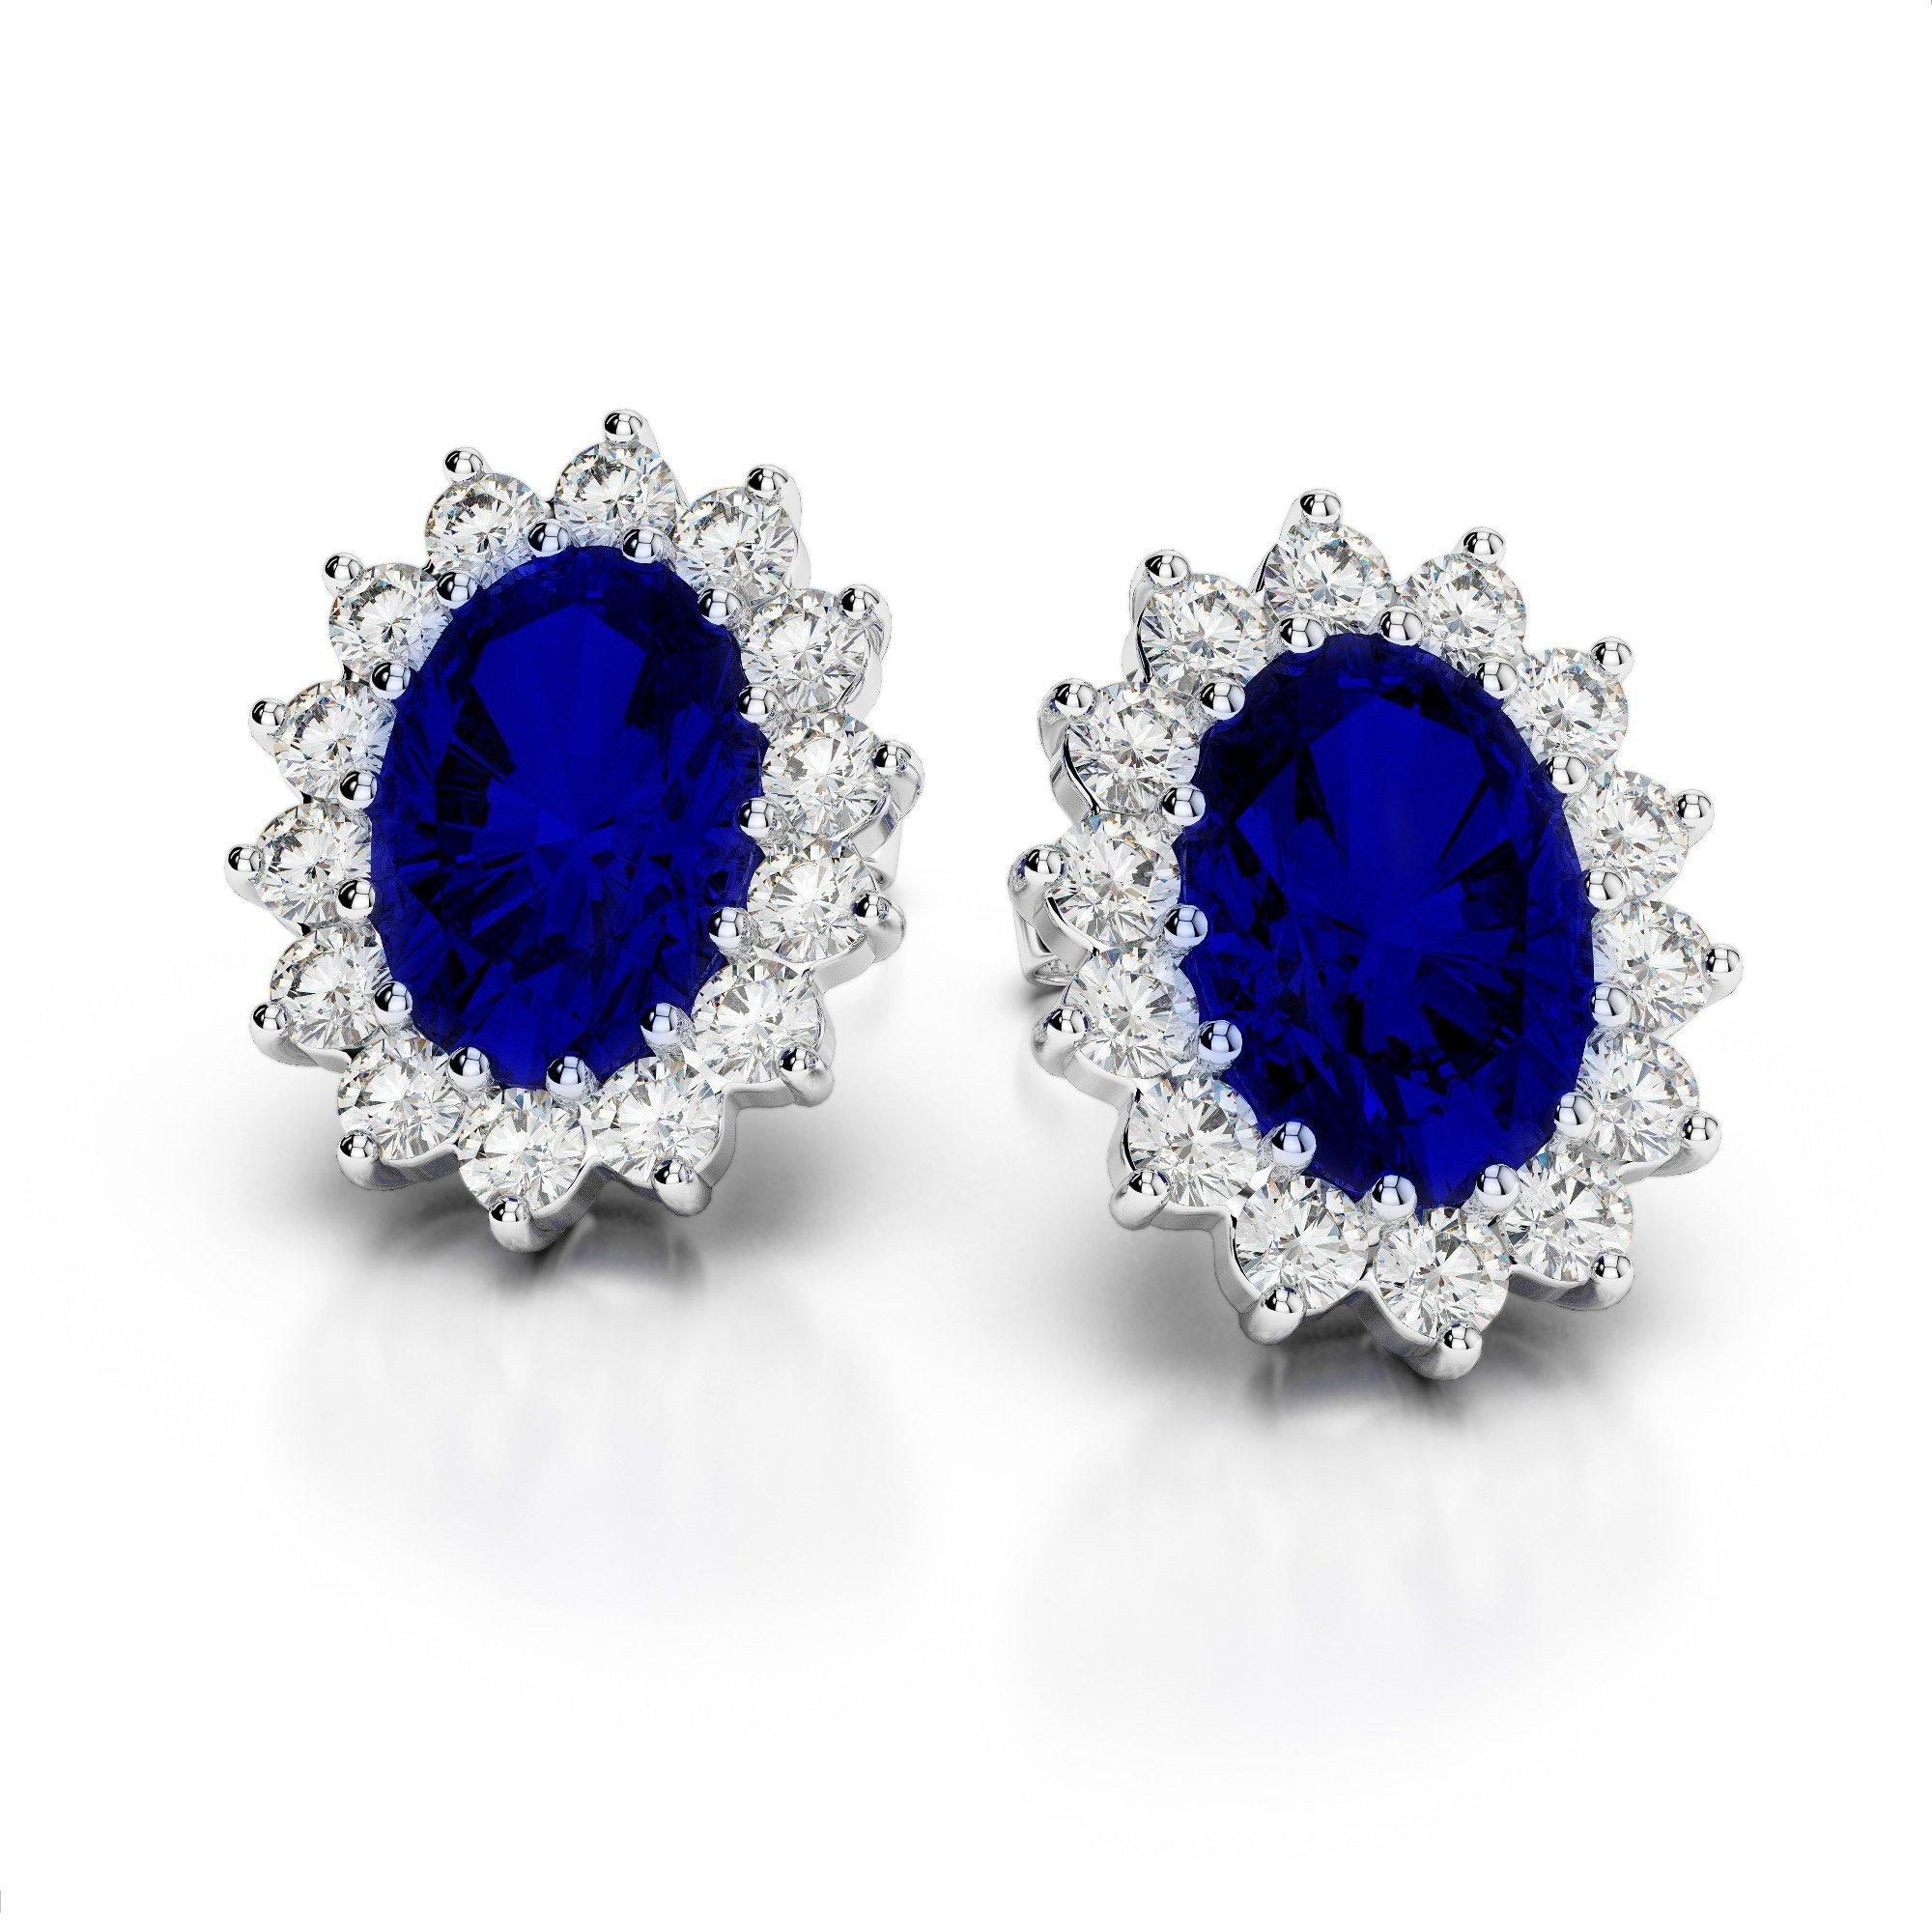 8x6mm Oval Sapphire & Diamond Stud Earrings